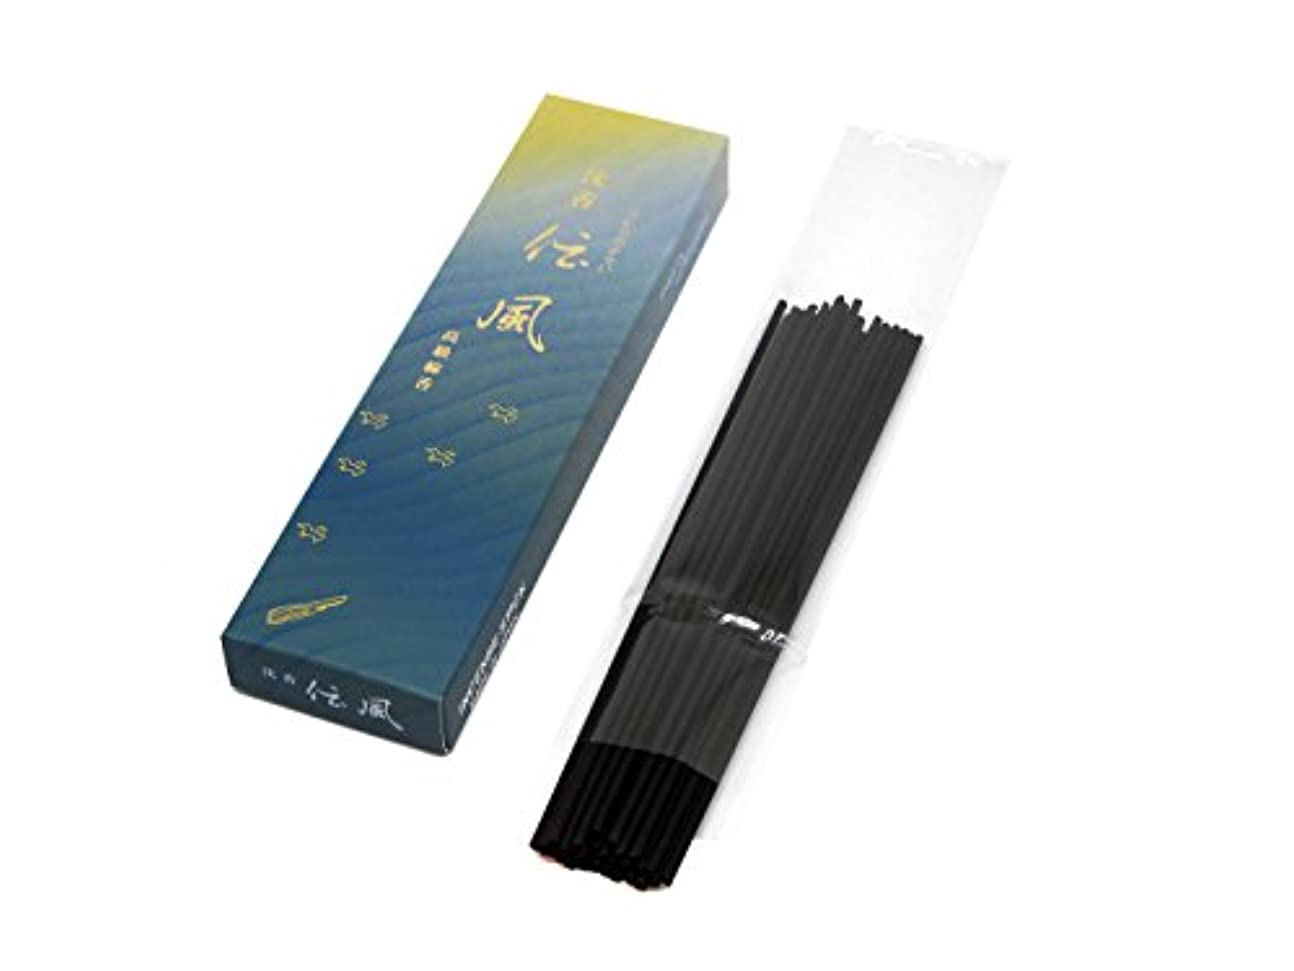 次ぶどう早熟gyokushodo Agarwood / Aloeswood / Oud Japanese Incense Sticks jinko Denpu Less煙タイプスモールパックトライアルサイズ5.5インチ30 Sticks日本製